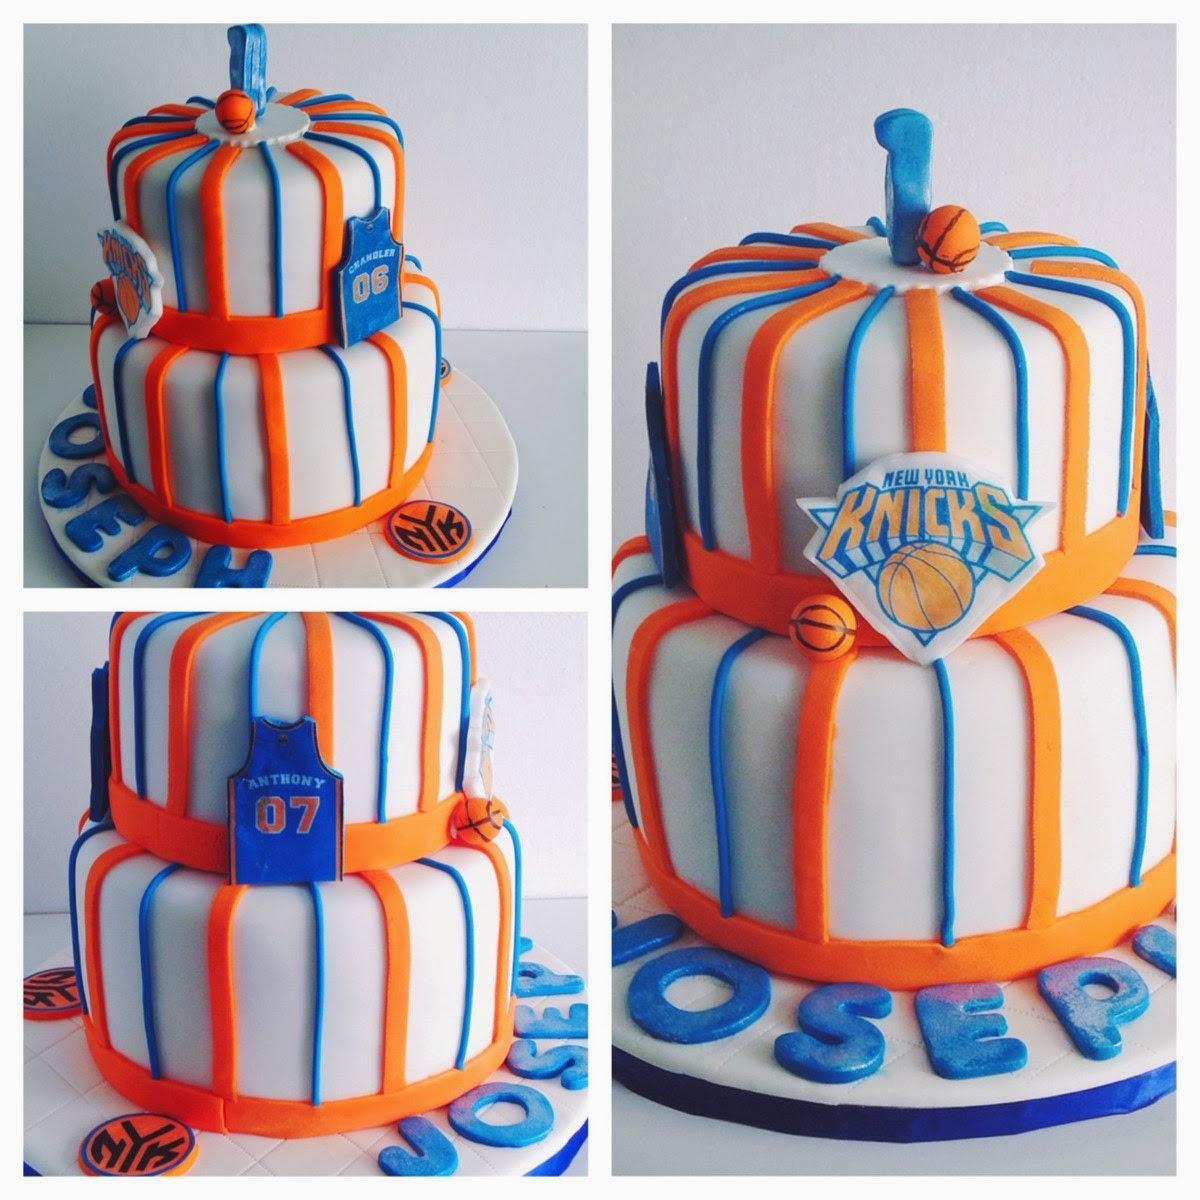 NY Knicks 1st Birthday Cake